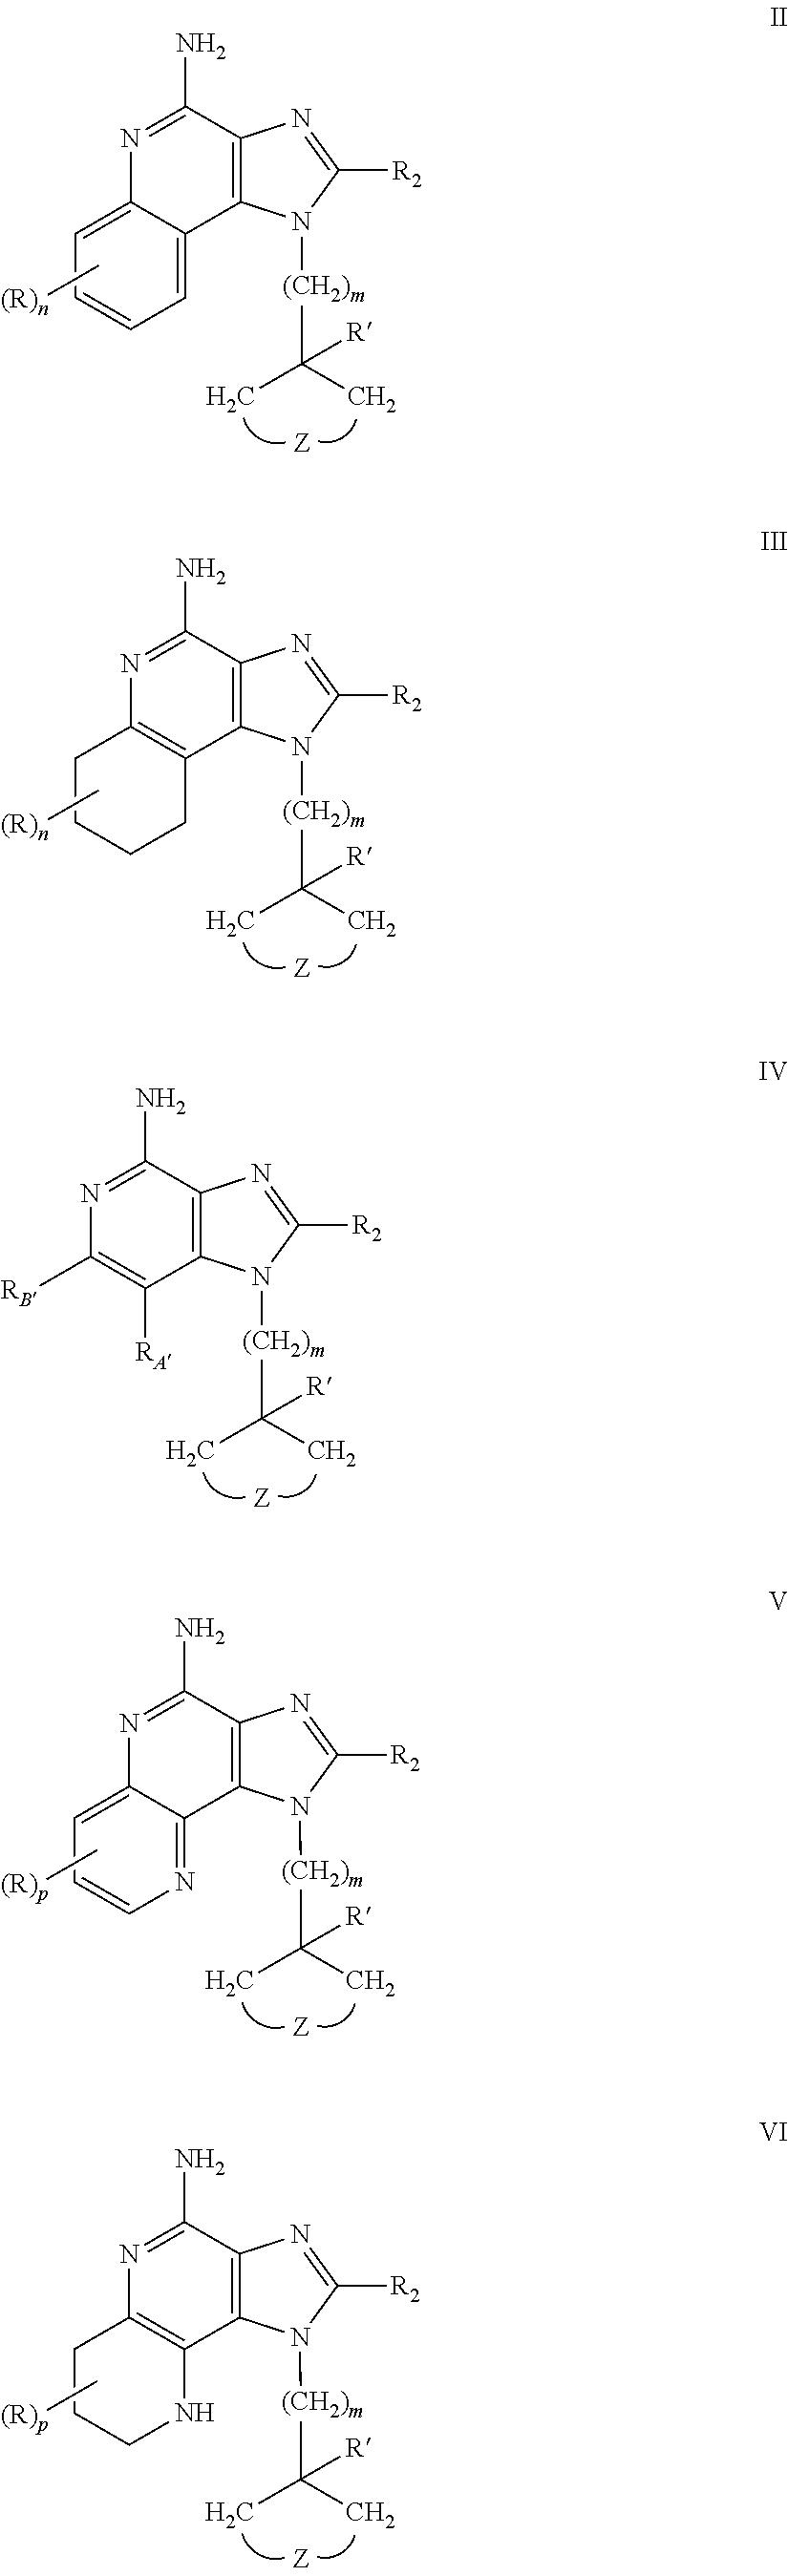 Figure US08541438-20130924-C00003